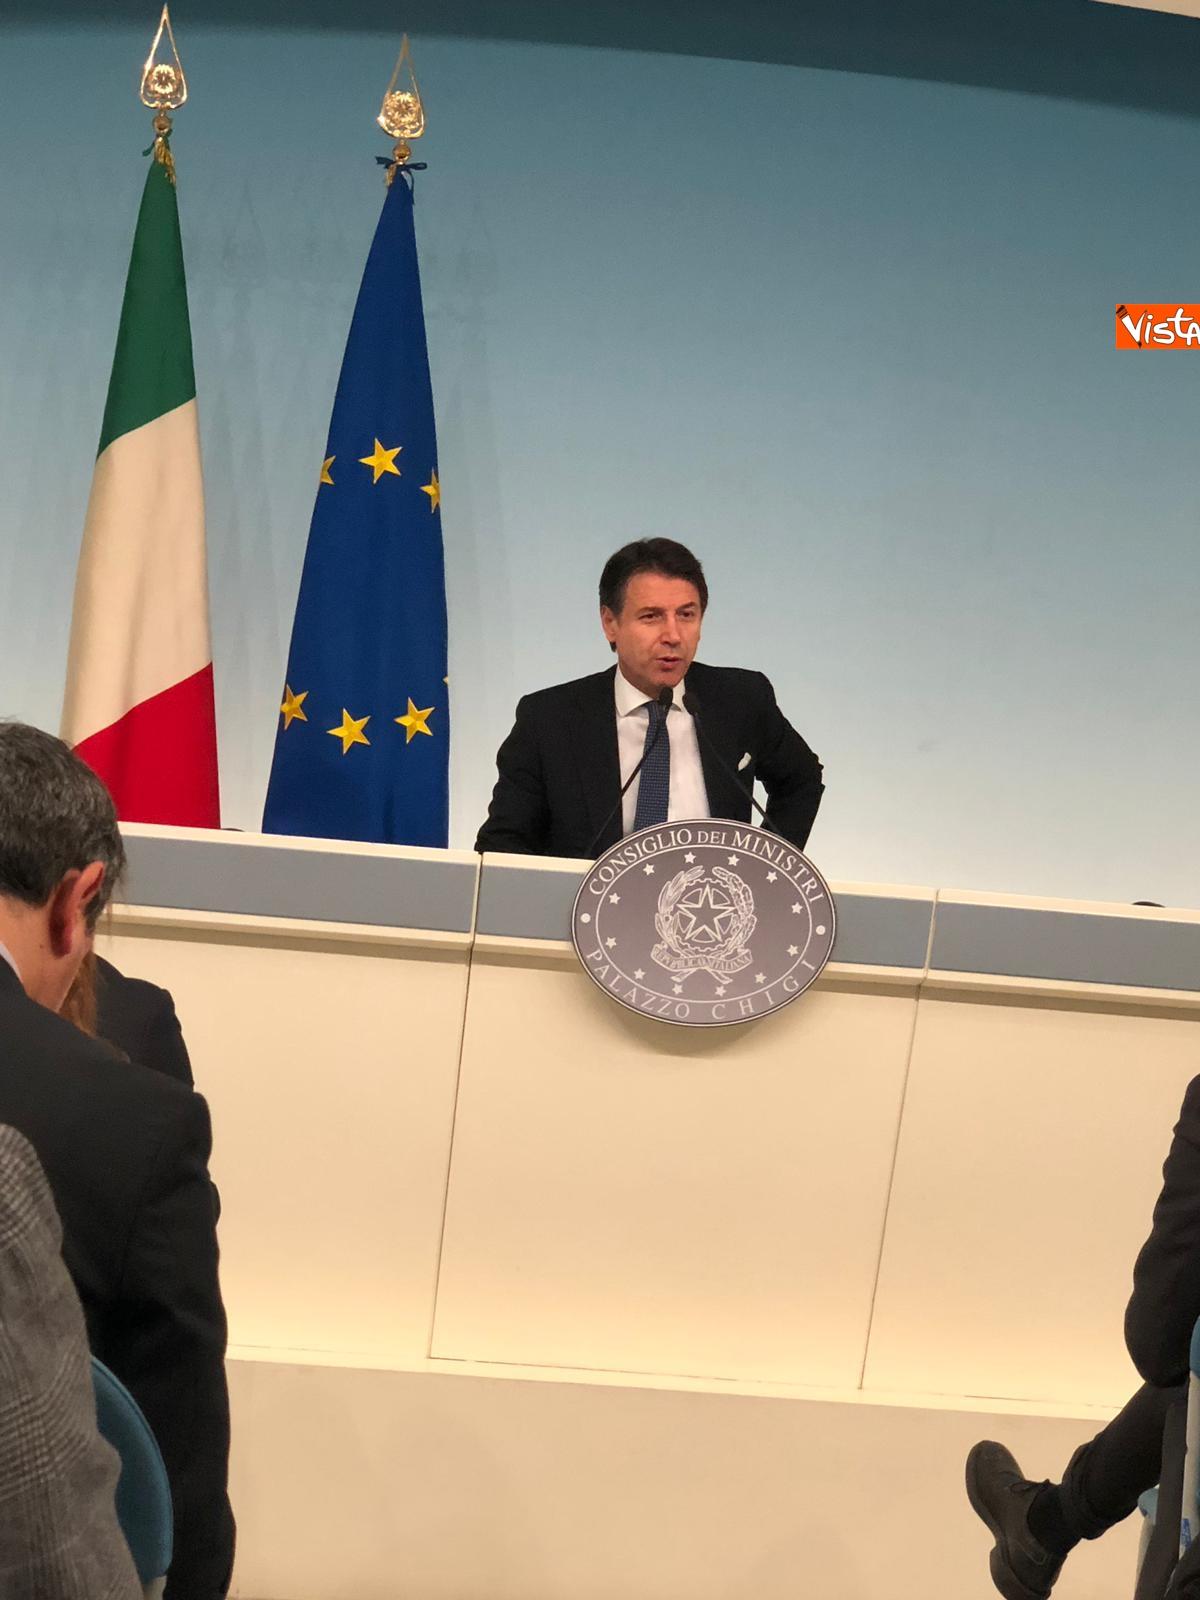 07-03-19 Tav Conte in conferenza stampa a Palazzo Chigi immagini_11